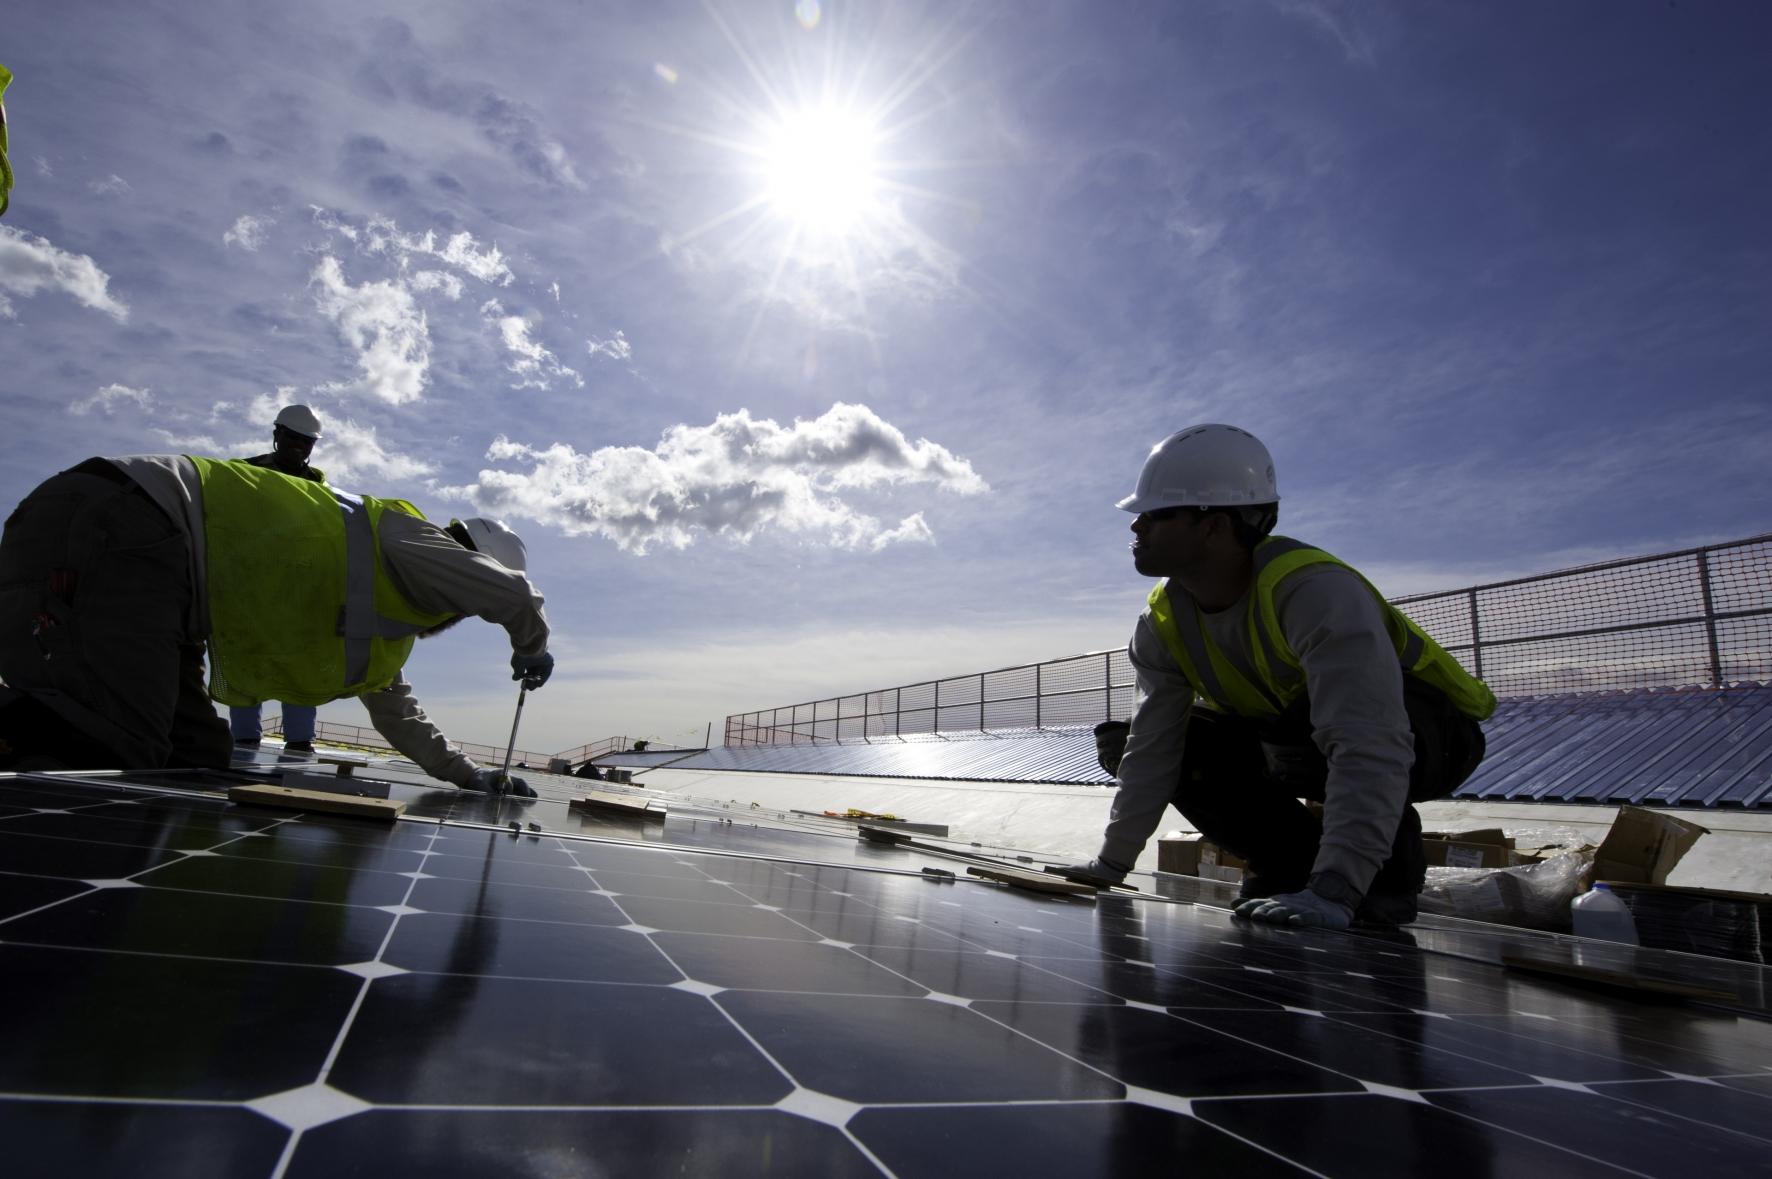 Image: National Renewable Energy Laboratory